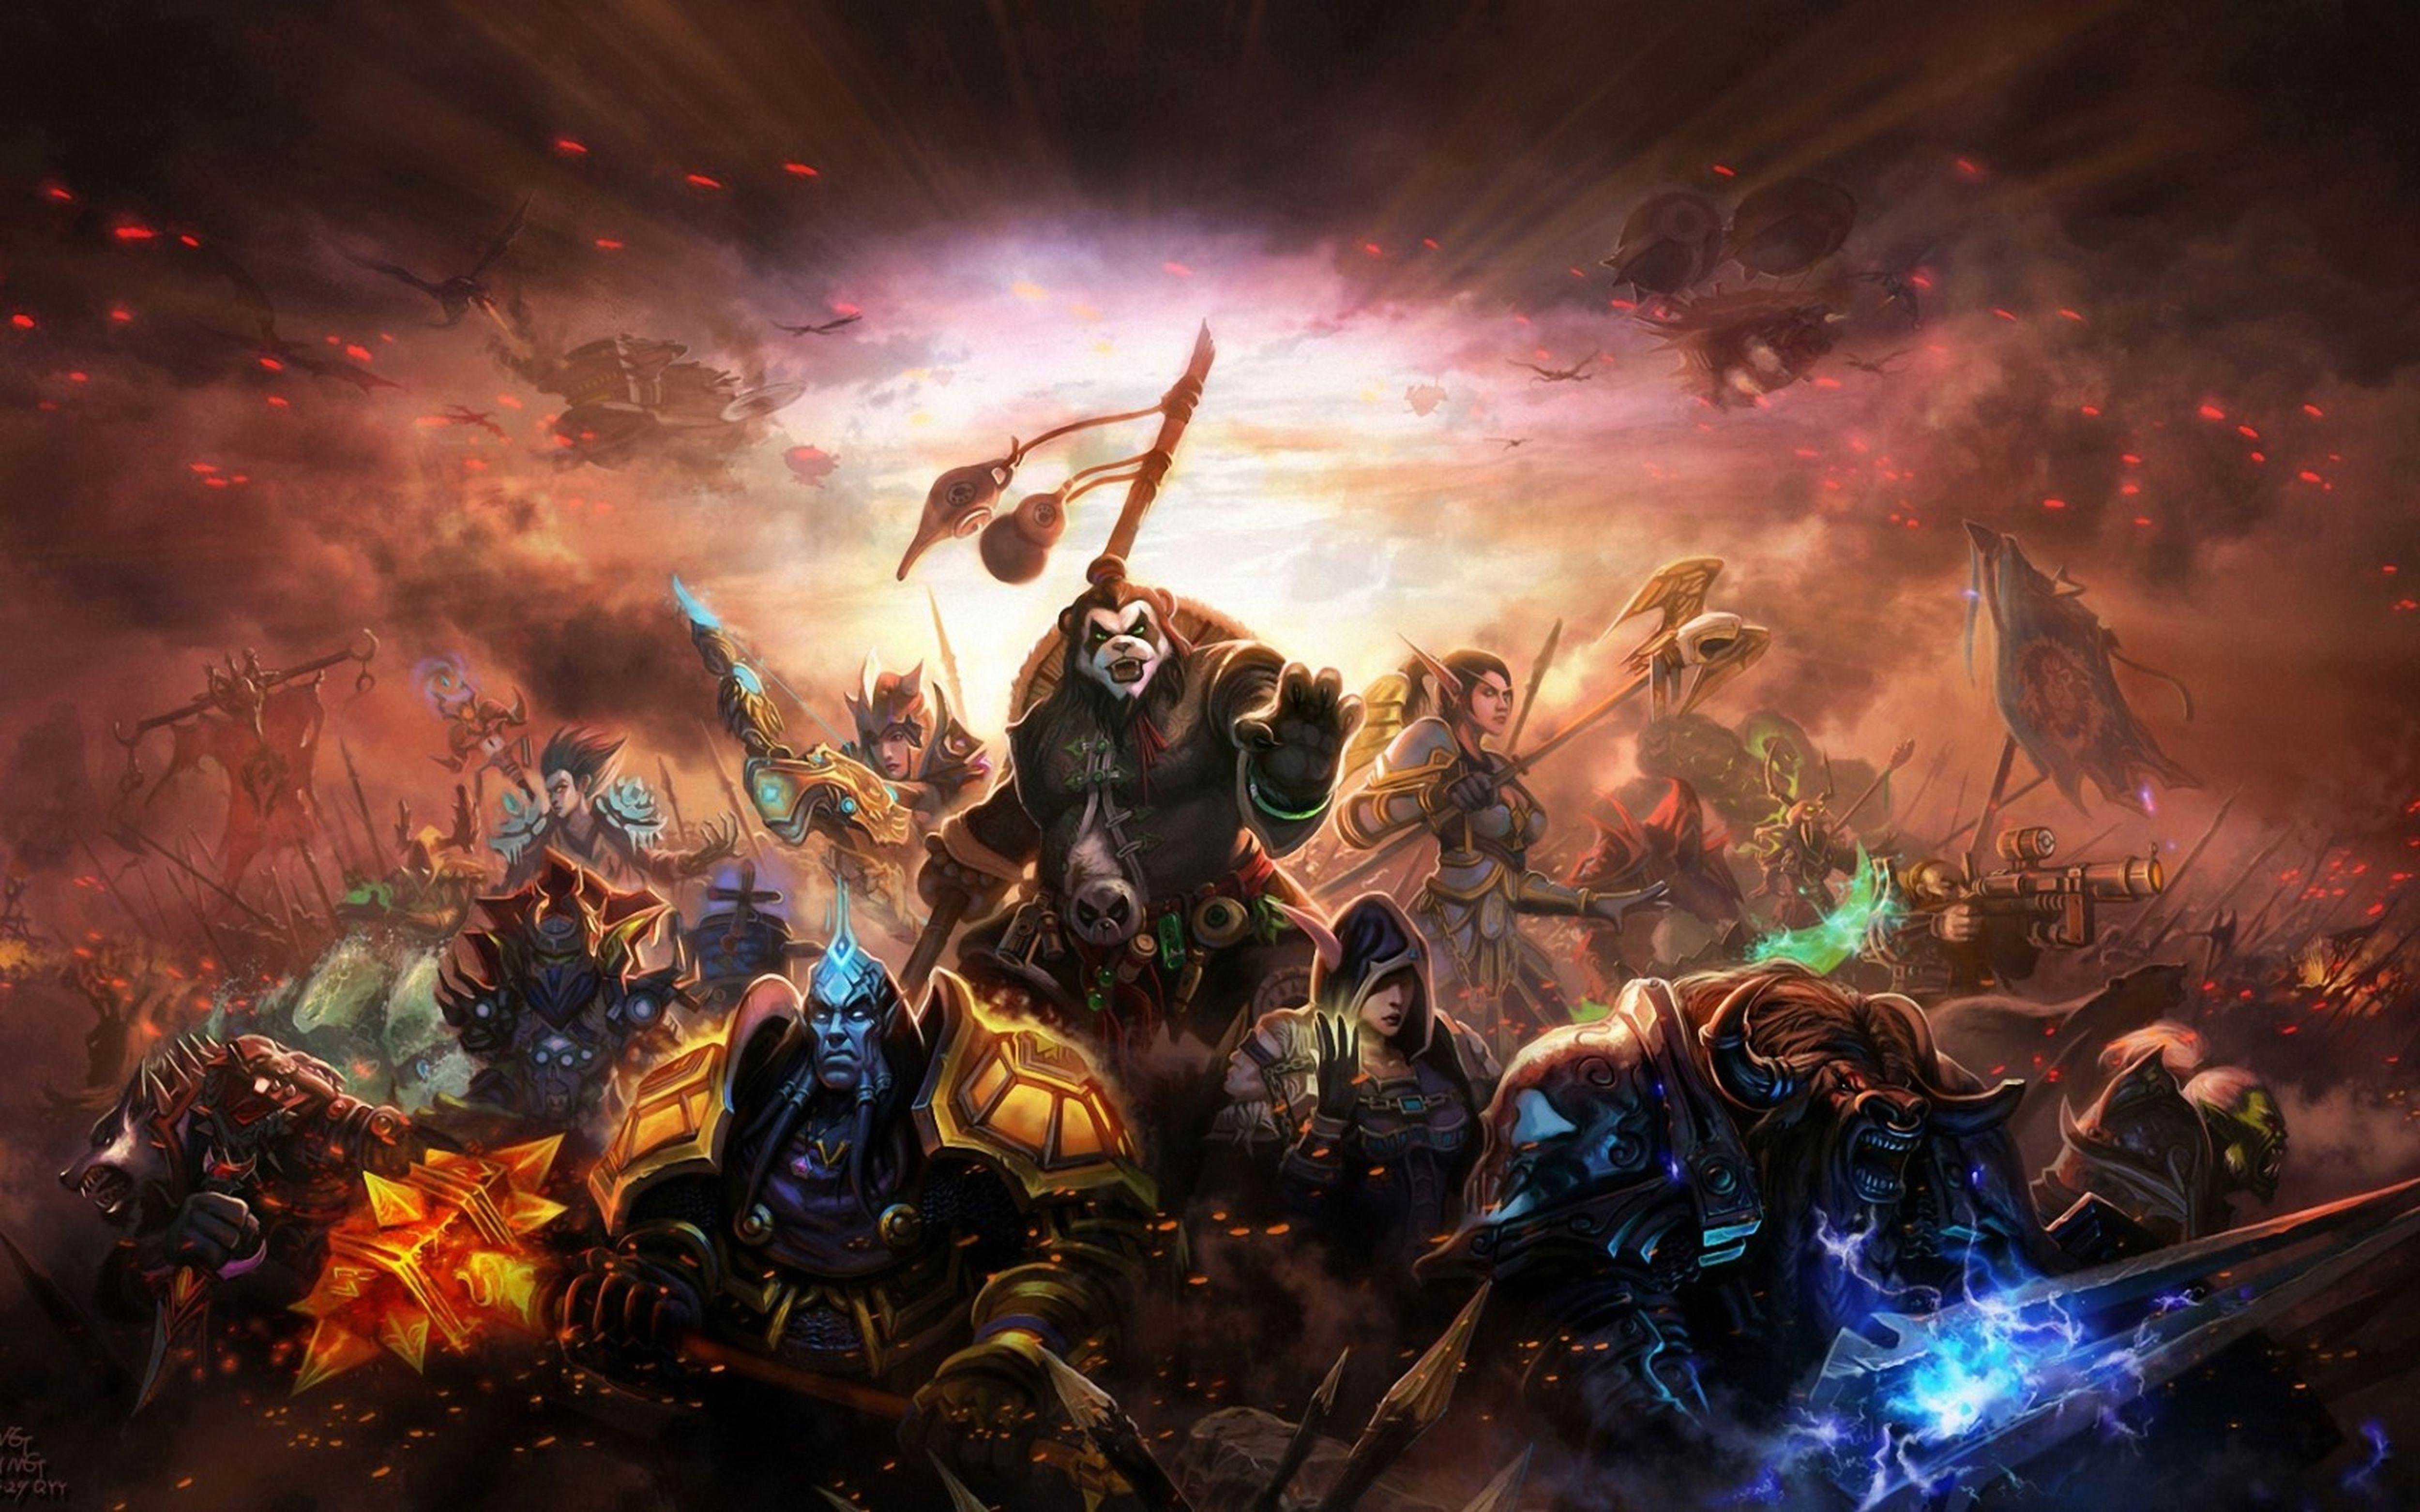 Zelda Hd Wallpaper World Of Warcraft Wallpapers High Quality Pixelstalk Net